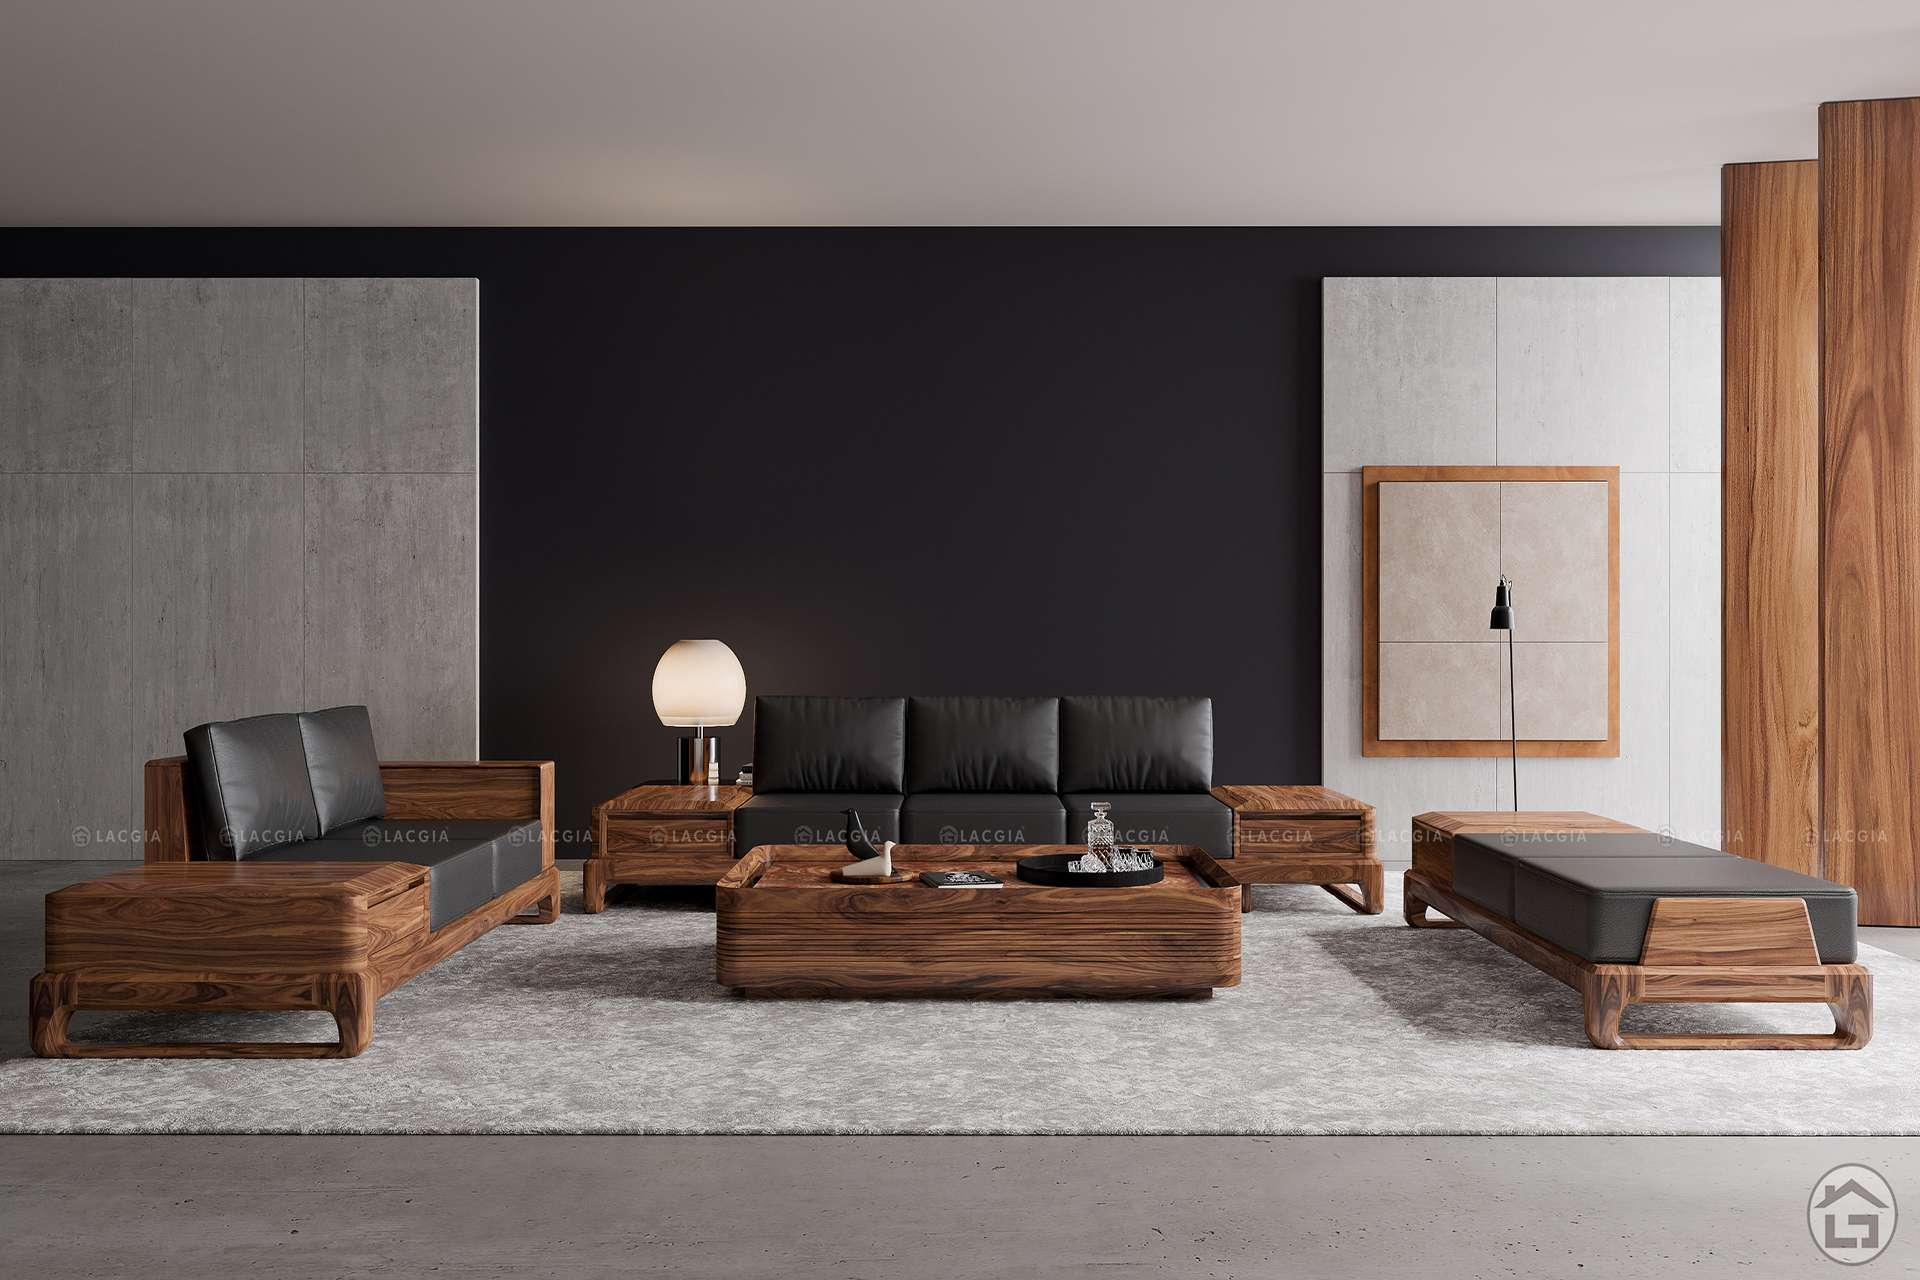 Đơn vị cung cấp nội thất gỗ uy tín luôn mang tới sự hài lòng về chất lượng